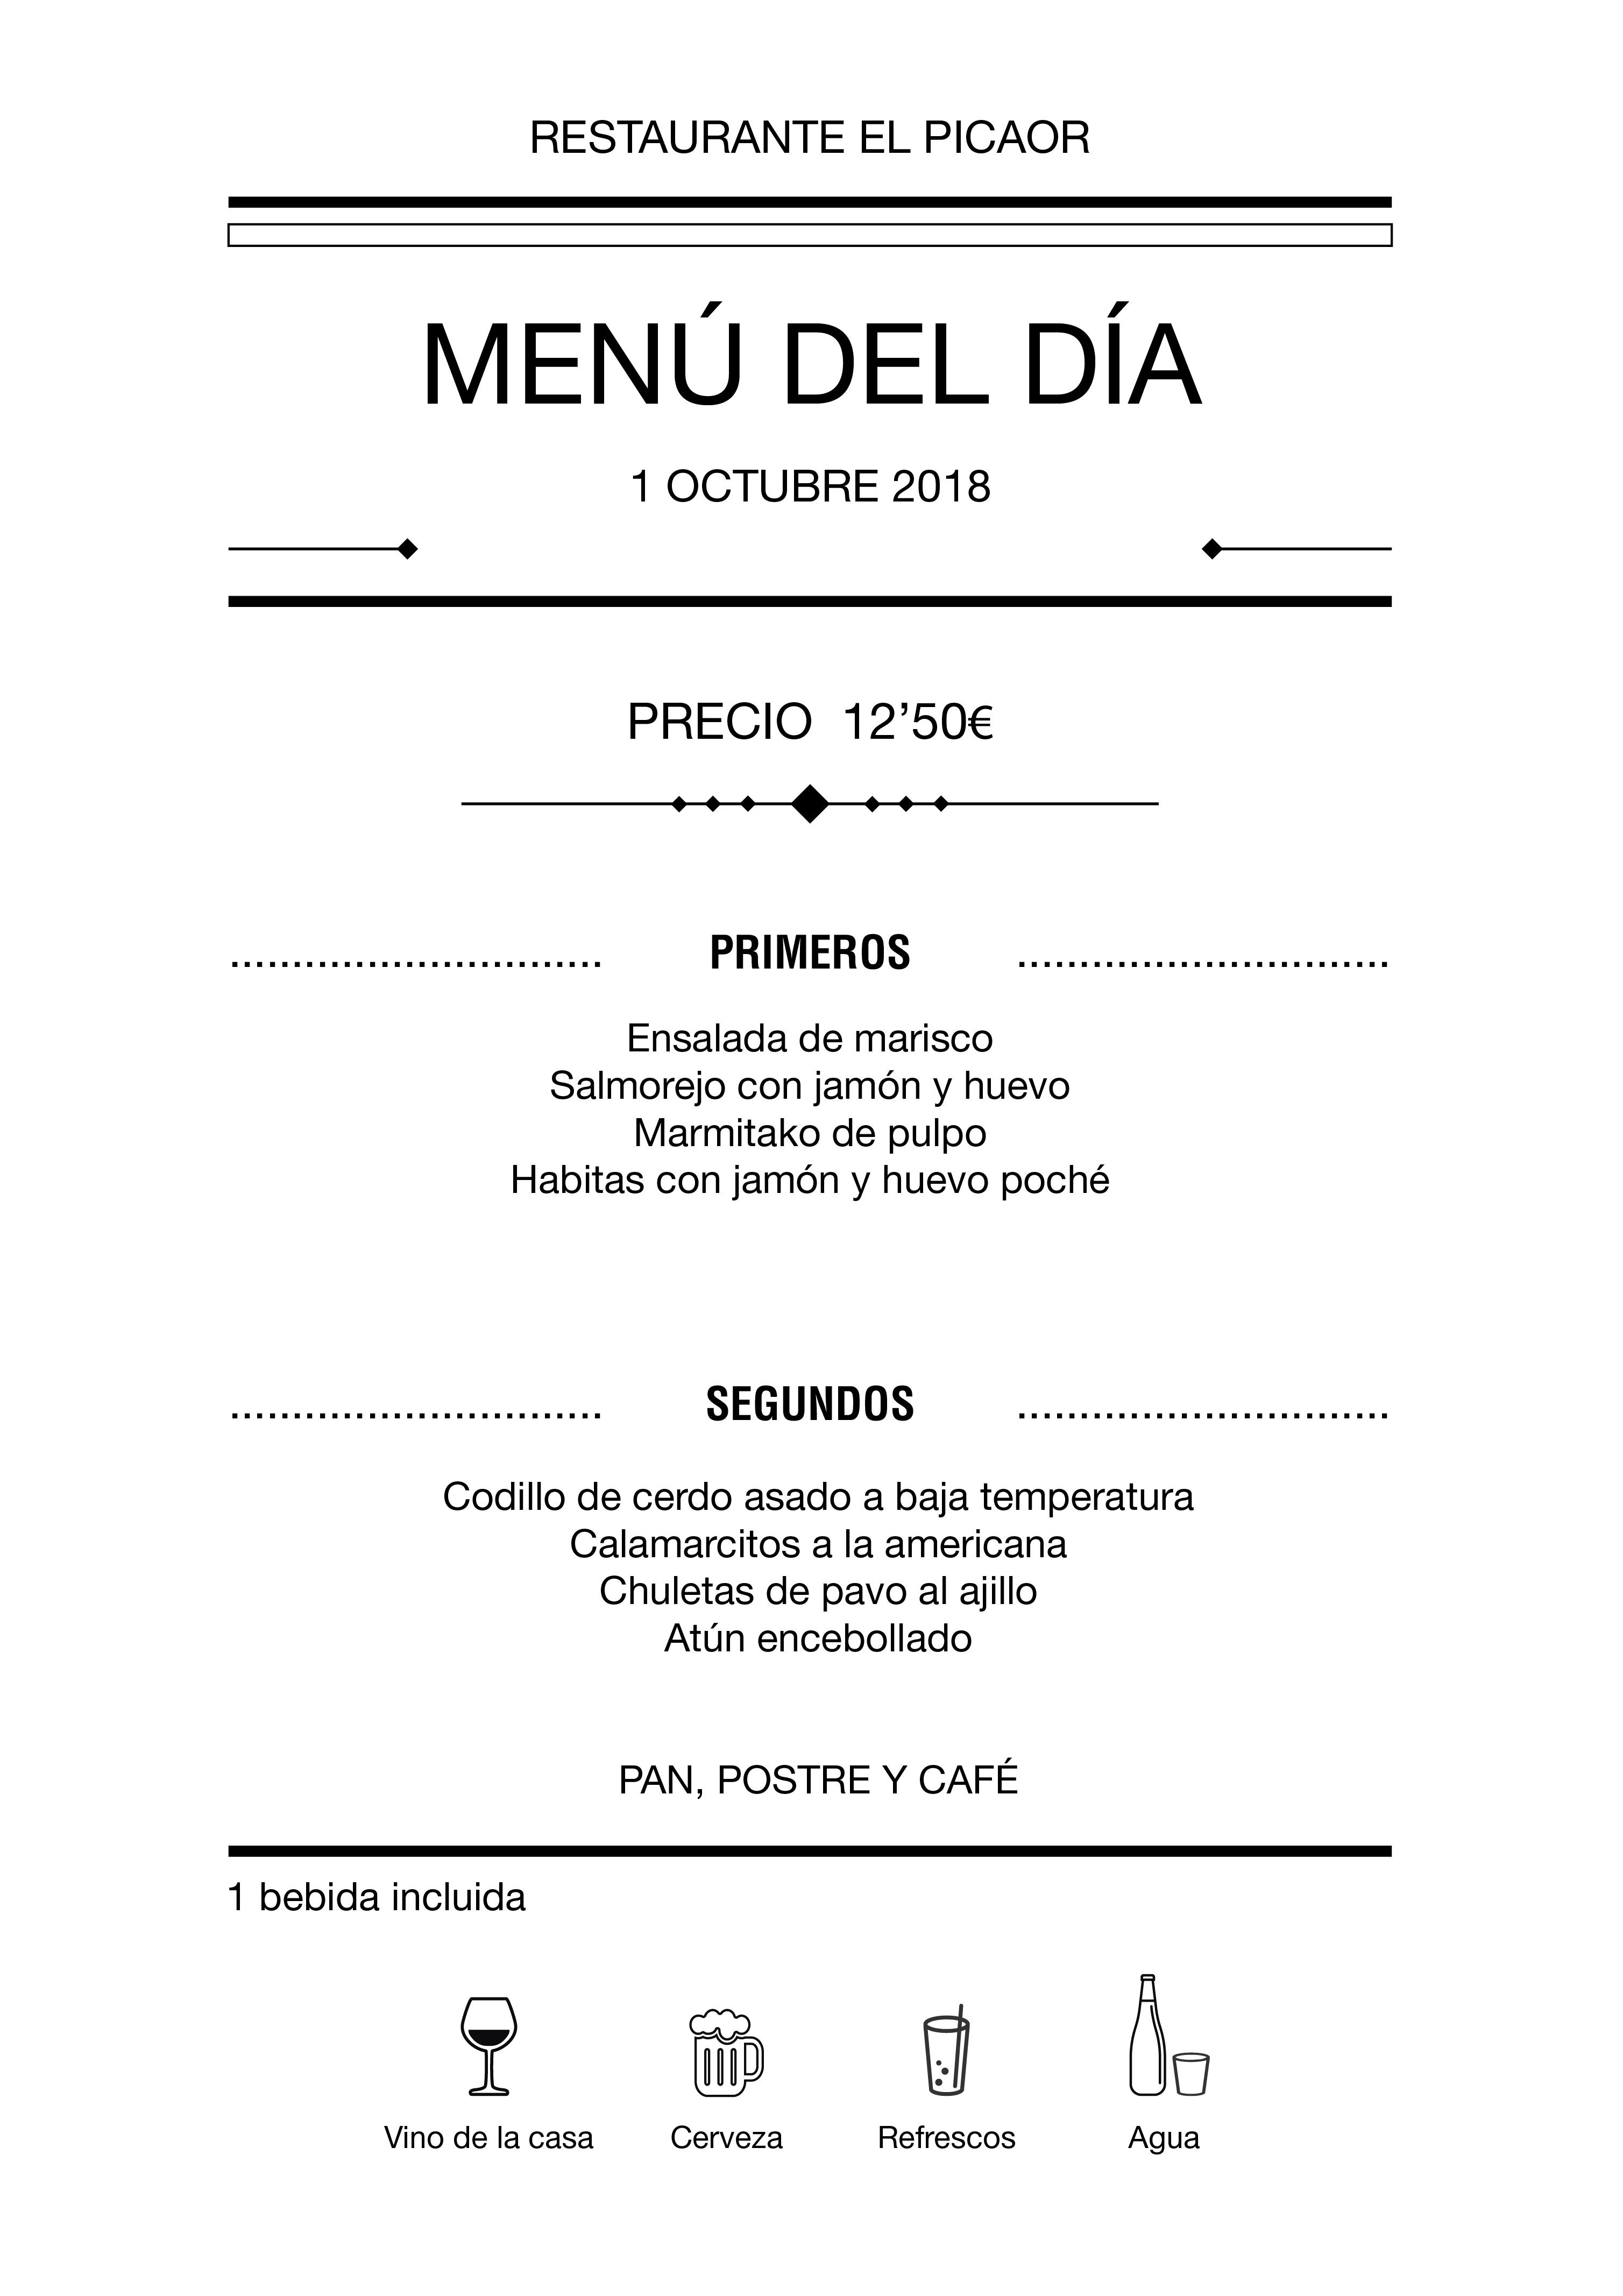 Menú diario El Picaor 01/10/18